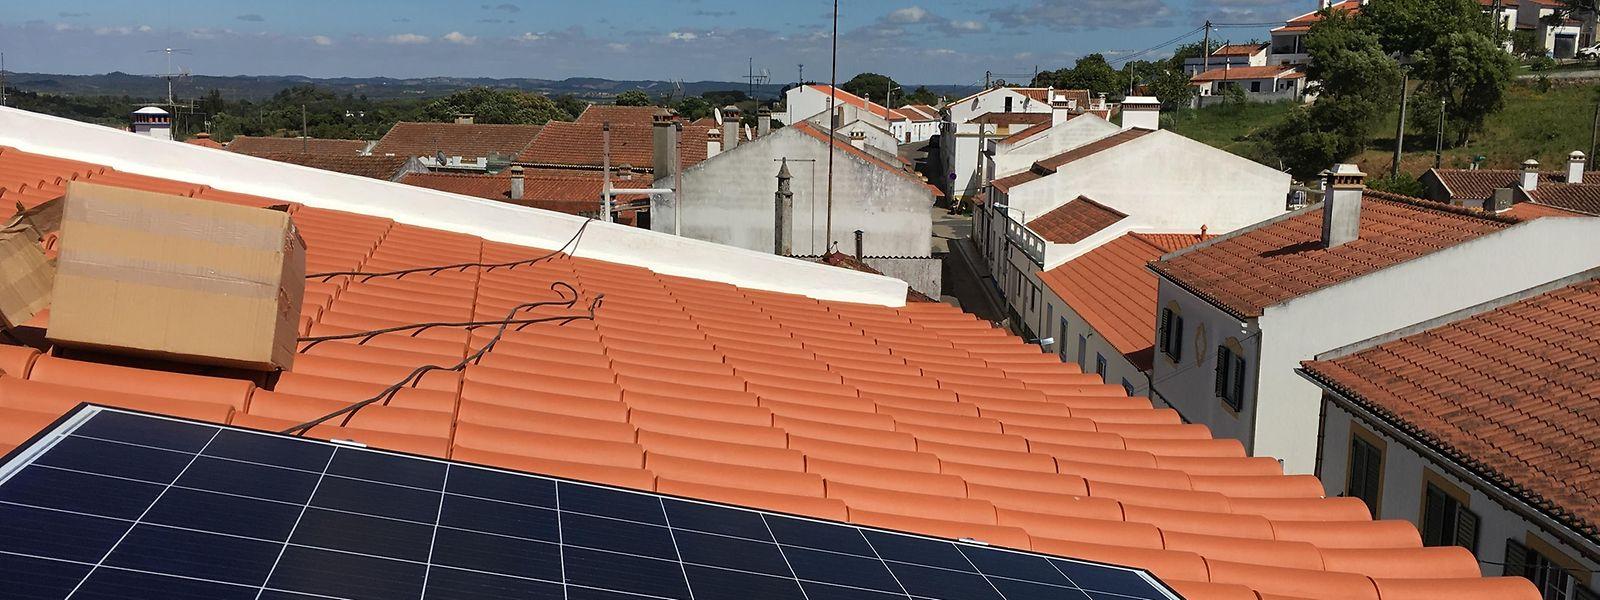 Os últimos painéis da compra coletiva já brilham sobre os telhados de São Luís.